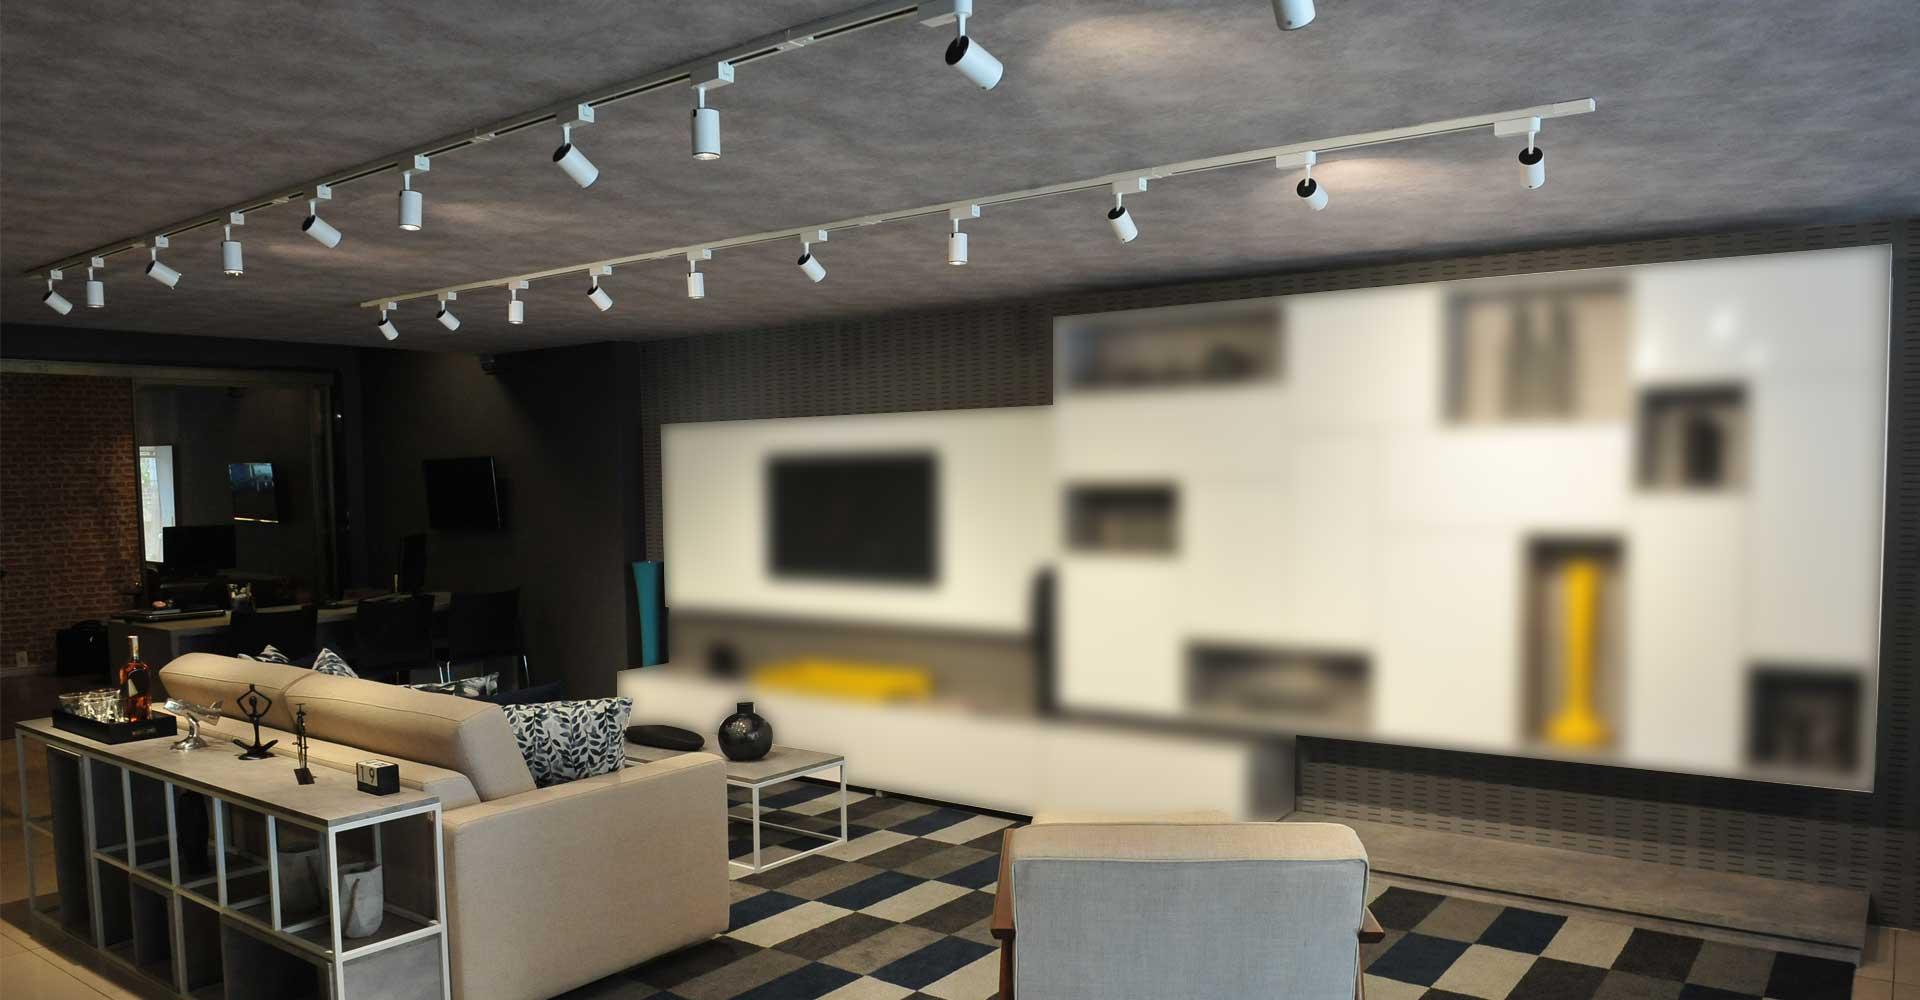 Cozinha Planejada Casa Design Móveis